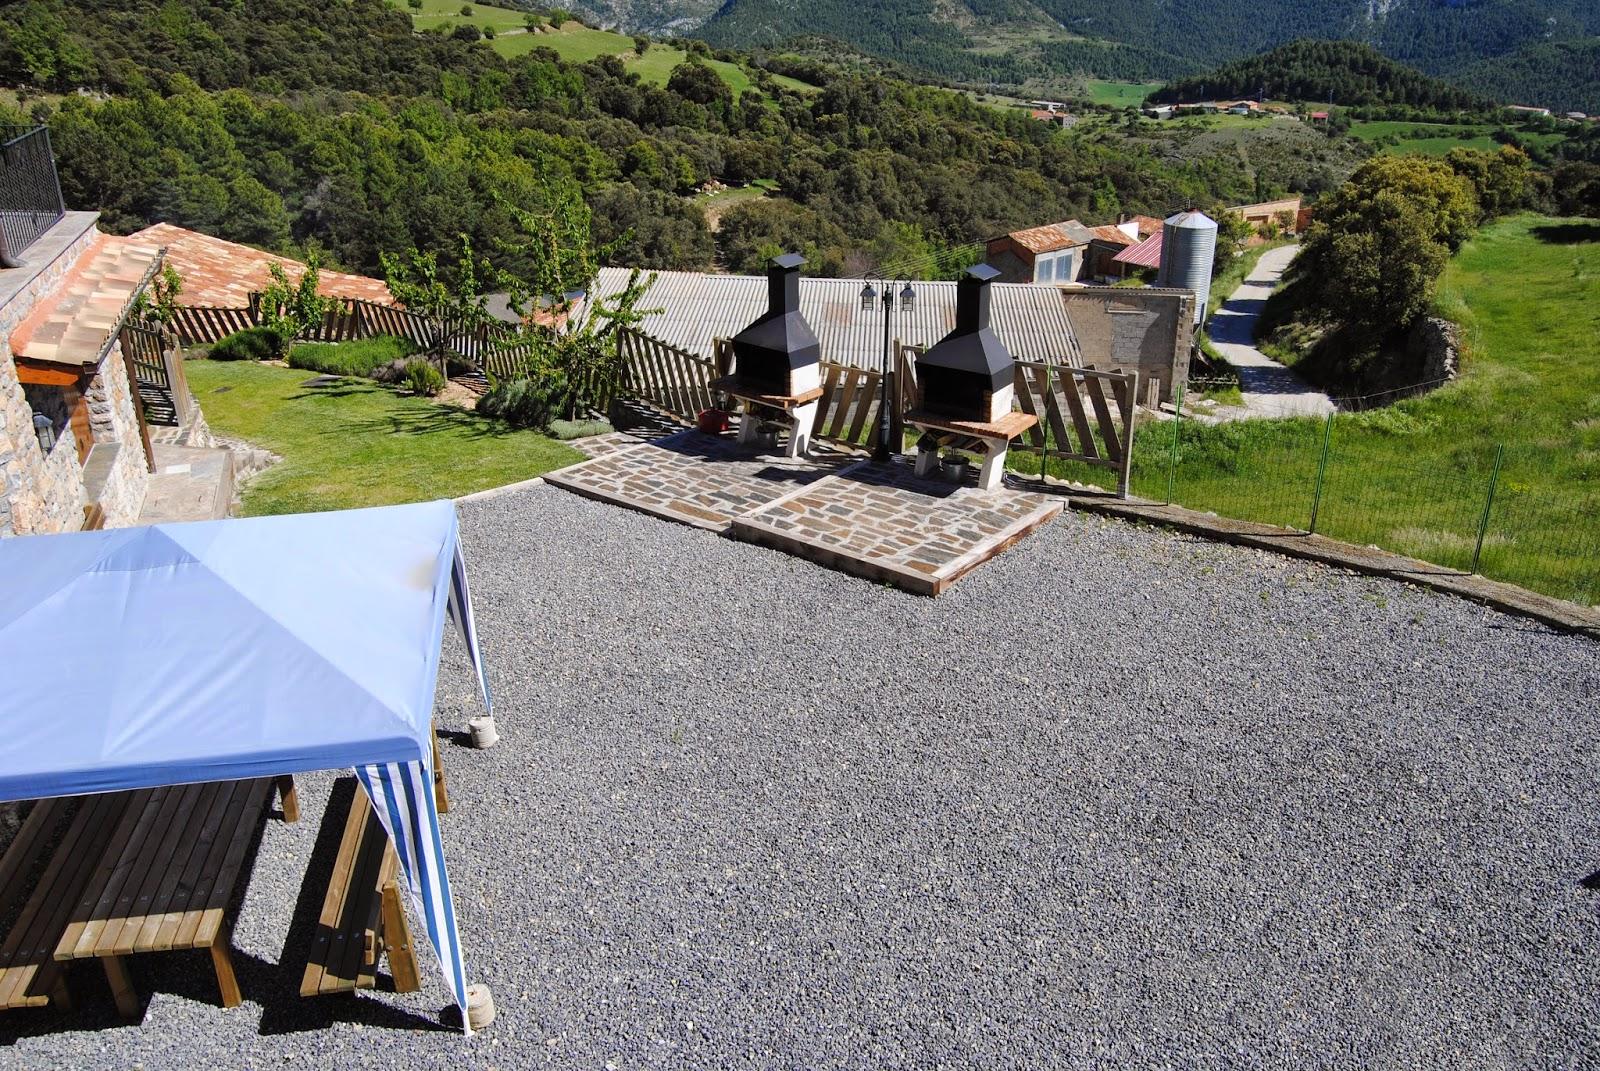 Ruralverd casa rural montan de tost alt urgell 10441 for Casa jardin winter park